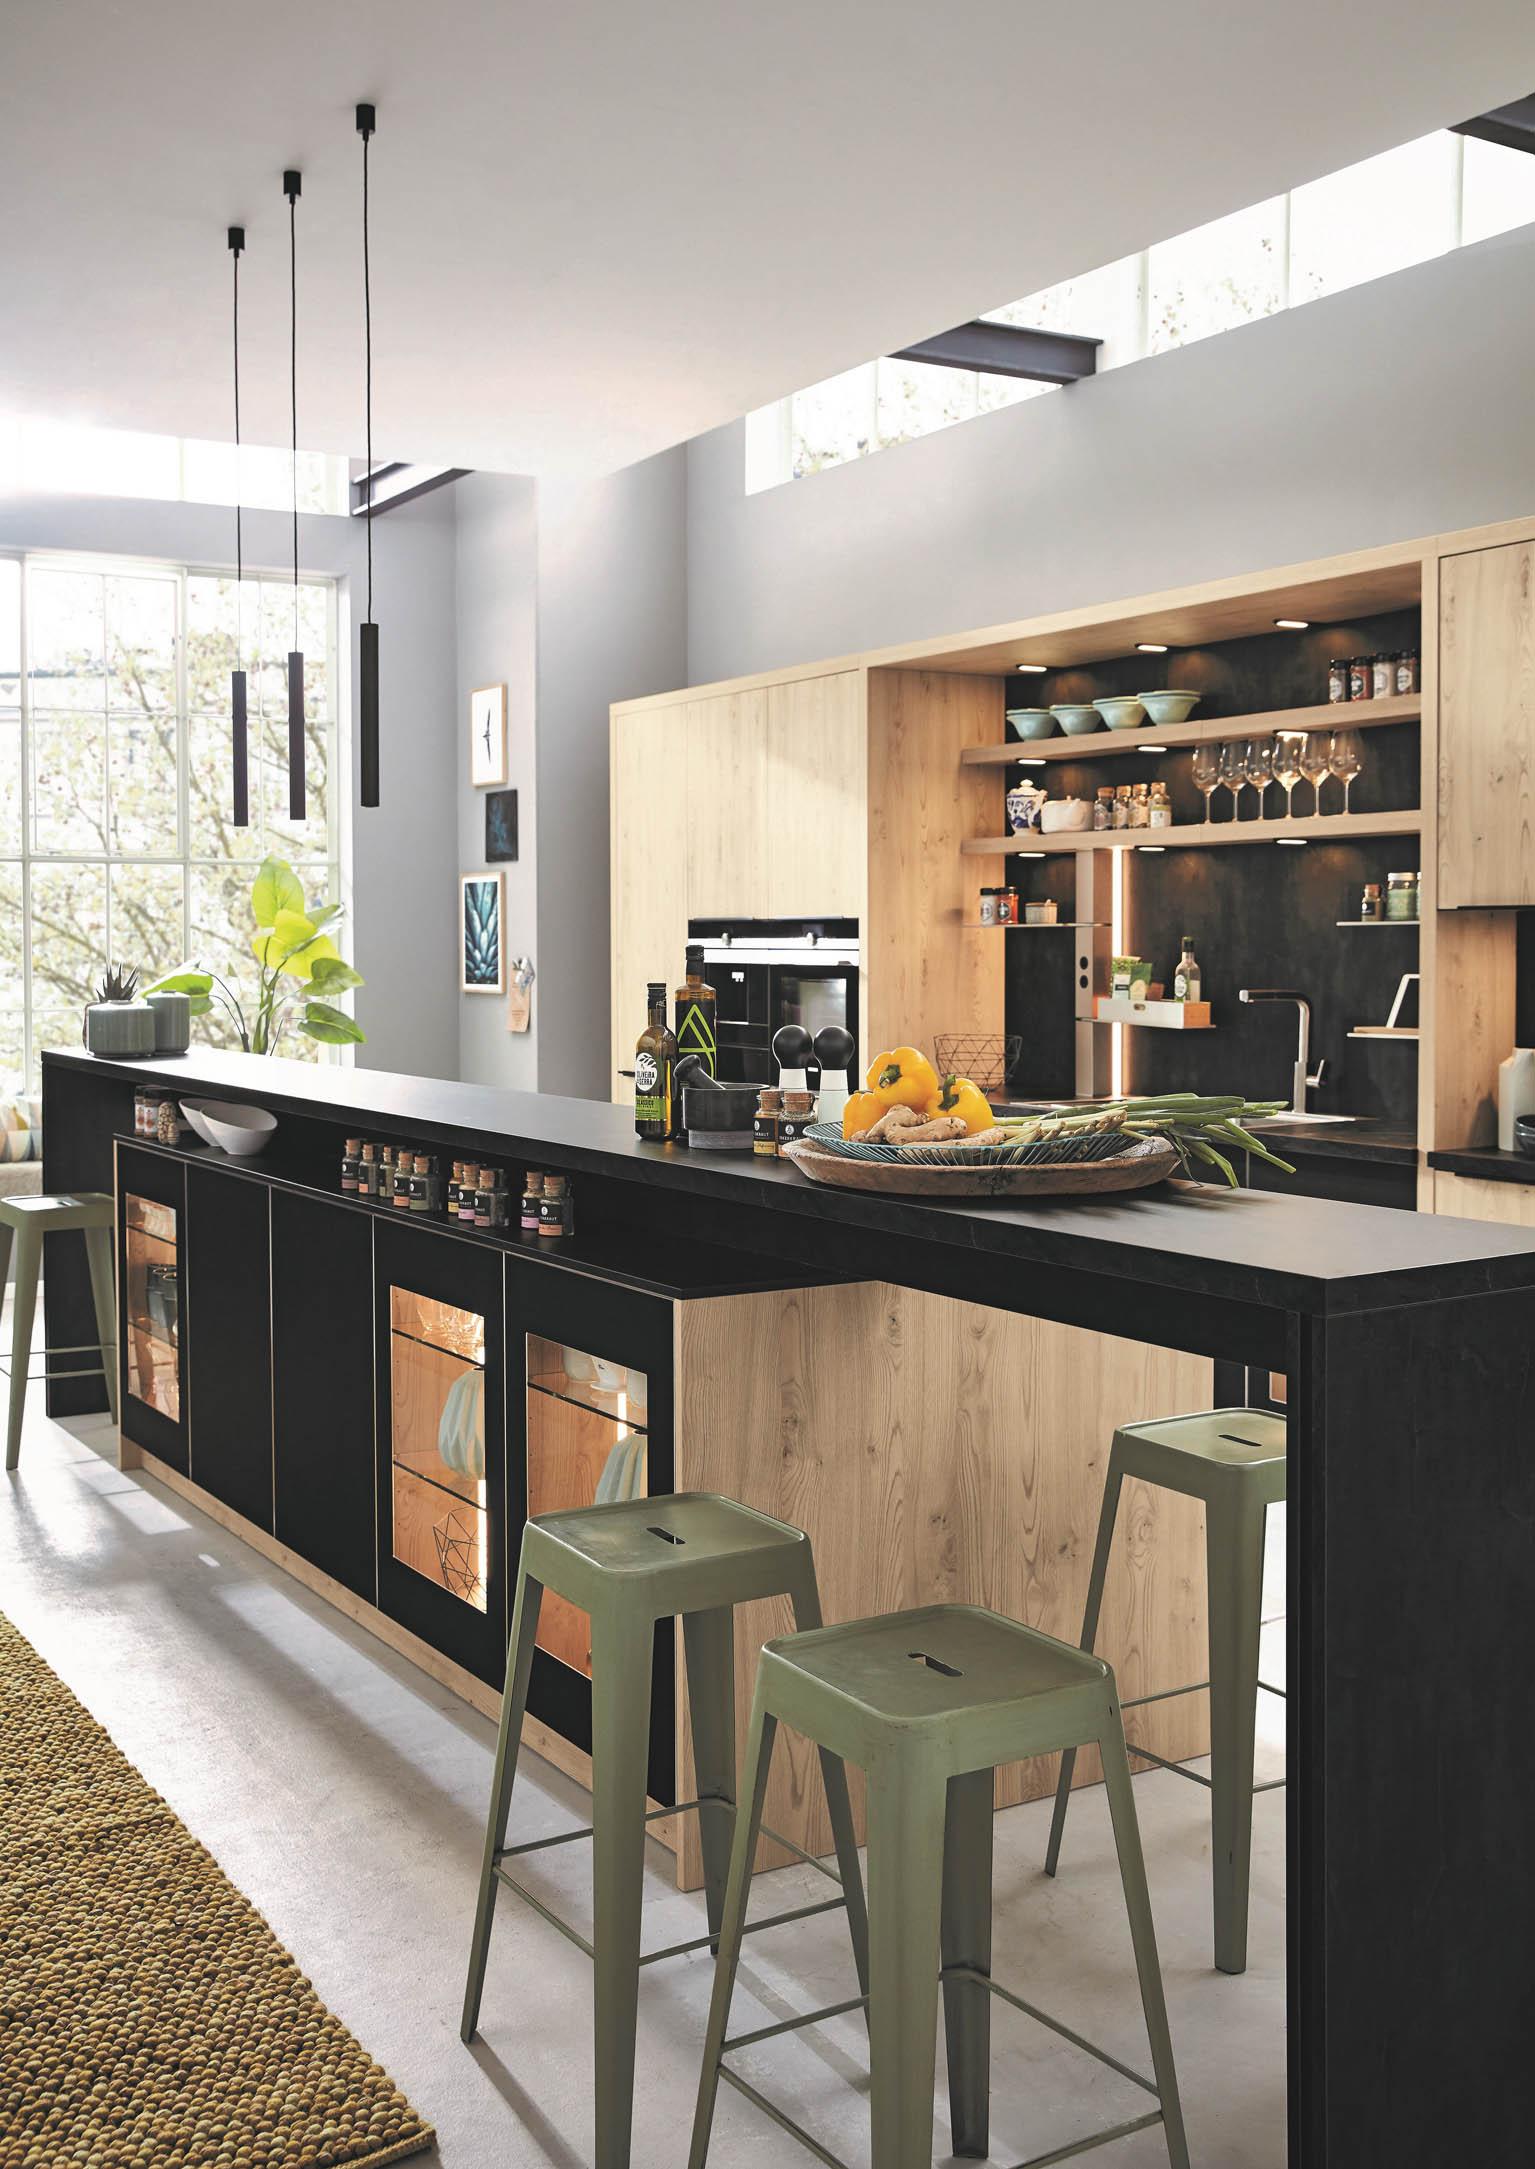 In der modernen Küche sind natürliche Holzfronten aus Furnier mit kratzfesten oder Antifingerprint-Oberflächen, gerne in dunklen Farben, eine beliebte Kombination. (Foto: AMK)